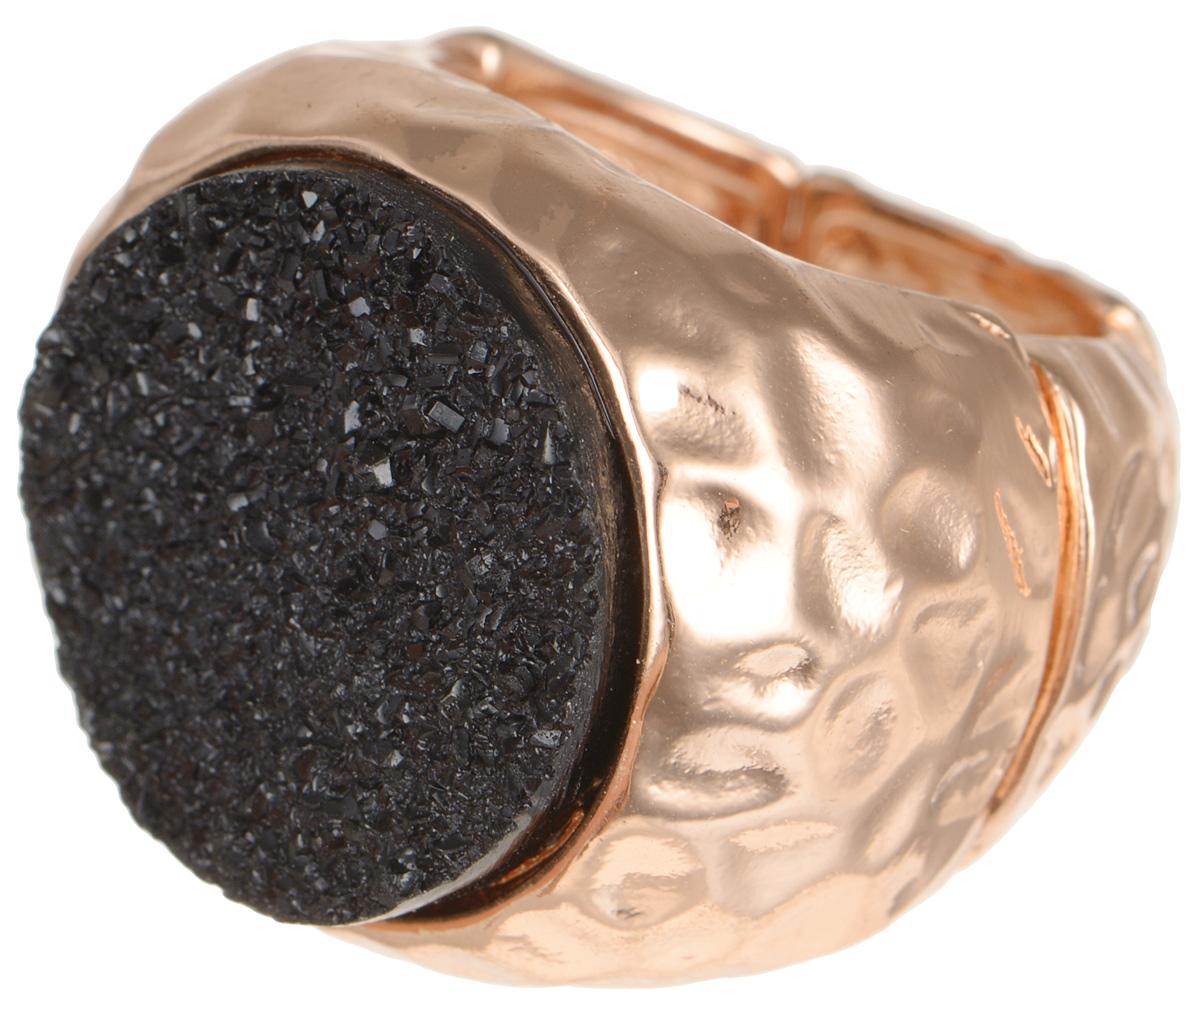 Кольцо Taya, цвет: золотистый, черный. T-B-8157Коктейльное кольцоСтильное кольцо Taya выполнено металлического сплава, оформлено оригинальной вставкой из стекла.Эластичная основа делает размер кольца универсальным.Оригинальное кольцо Taya превосходно дополнит ваш образ и подчеркнет отменное чувство стиля своей обладательницы.